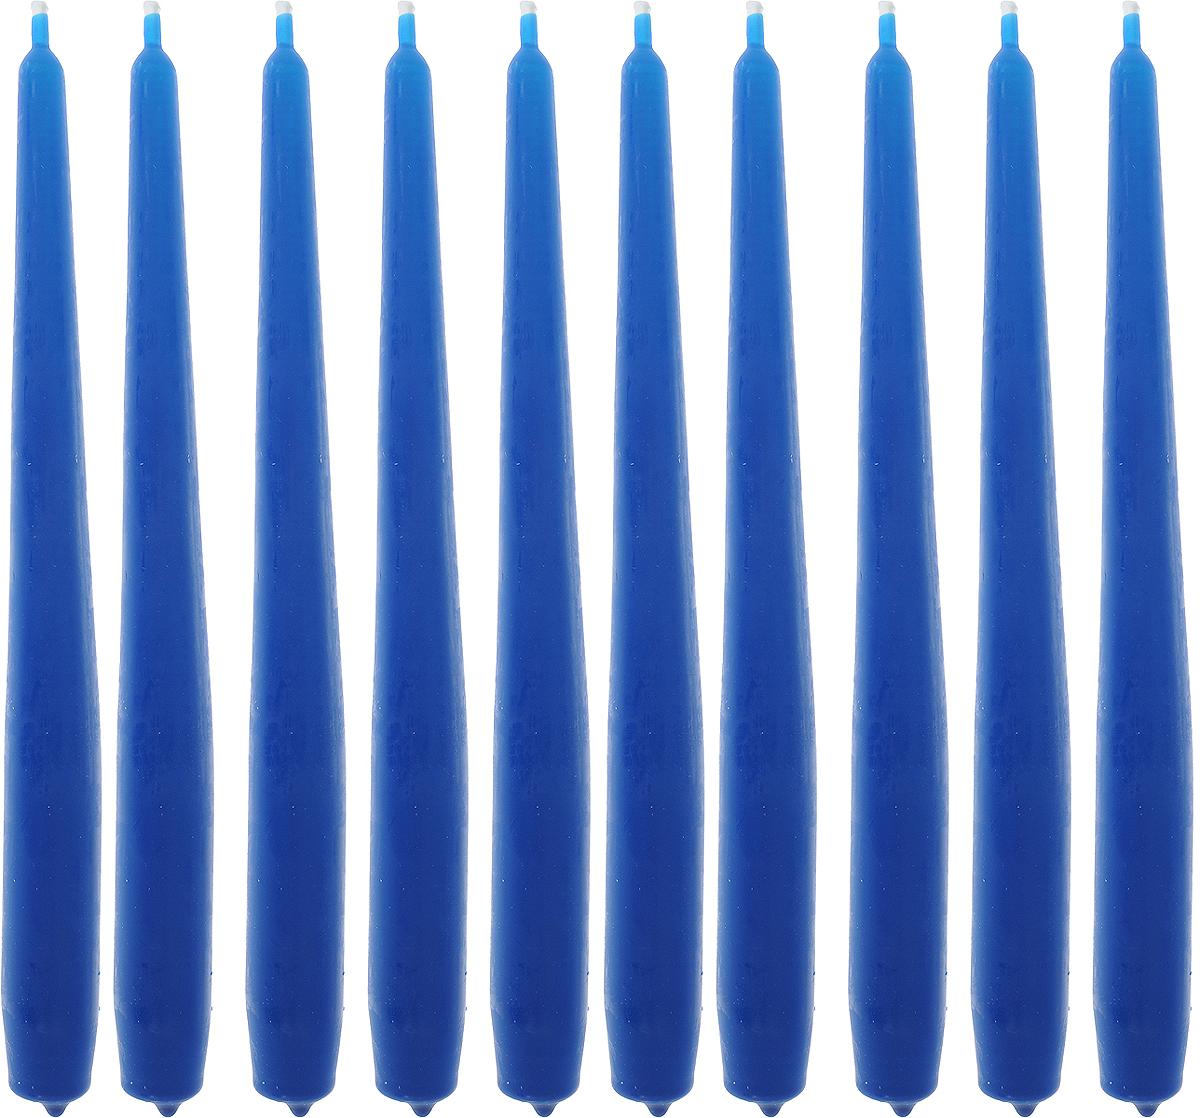 Набор свечей Омский cвечной завод, цвет: синий, высота 24 см, 10 шт331118,001907Набор Омский cвечной завод состоит из 10 свечей, изготовленных из парафина и хлопчатобумажной нити. Такие свечи создадут атмосферу таинственности и загадочности и наполнят ваш дом волшебством и ощущением праздника. Хороший сувенир для друзей и близких. Примерное время горения: 7 часов. Высота: 24 см. Диаметр: 2 см.